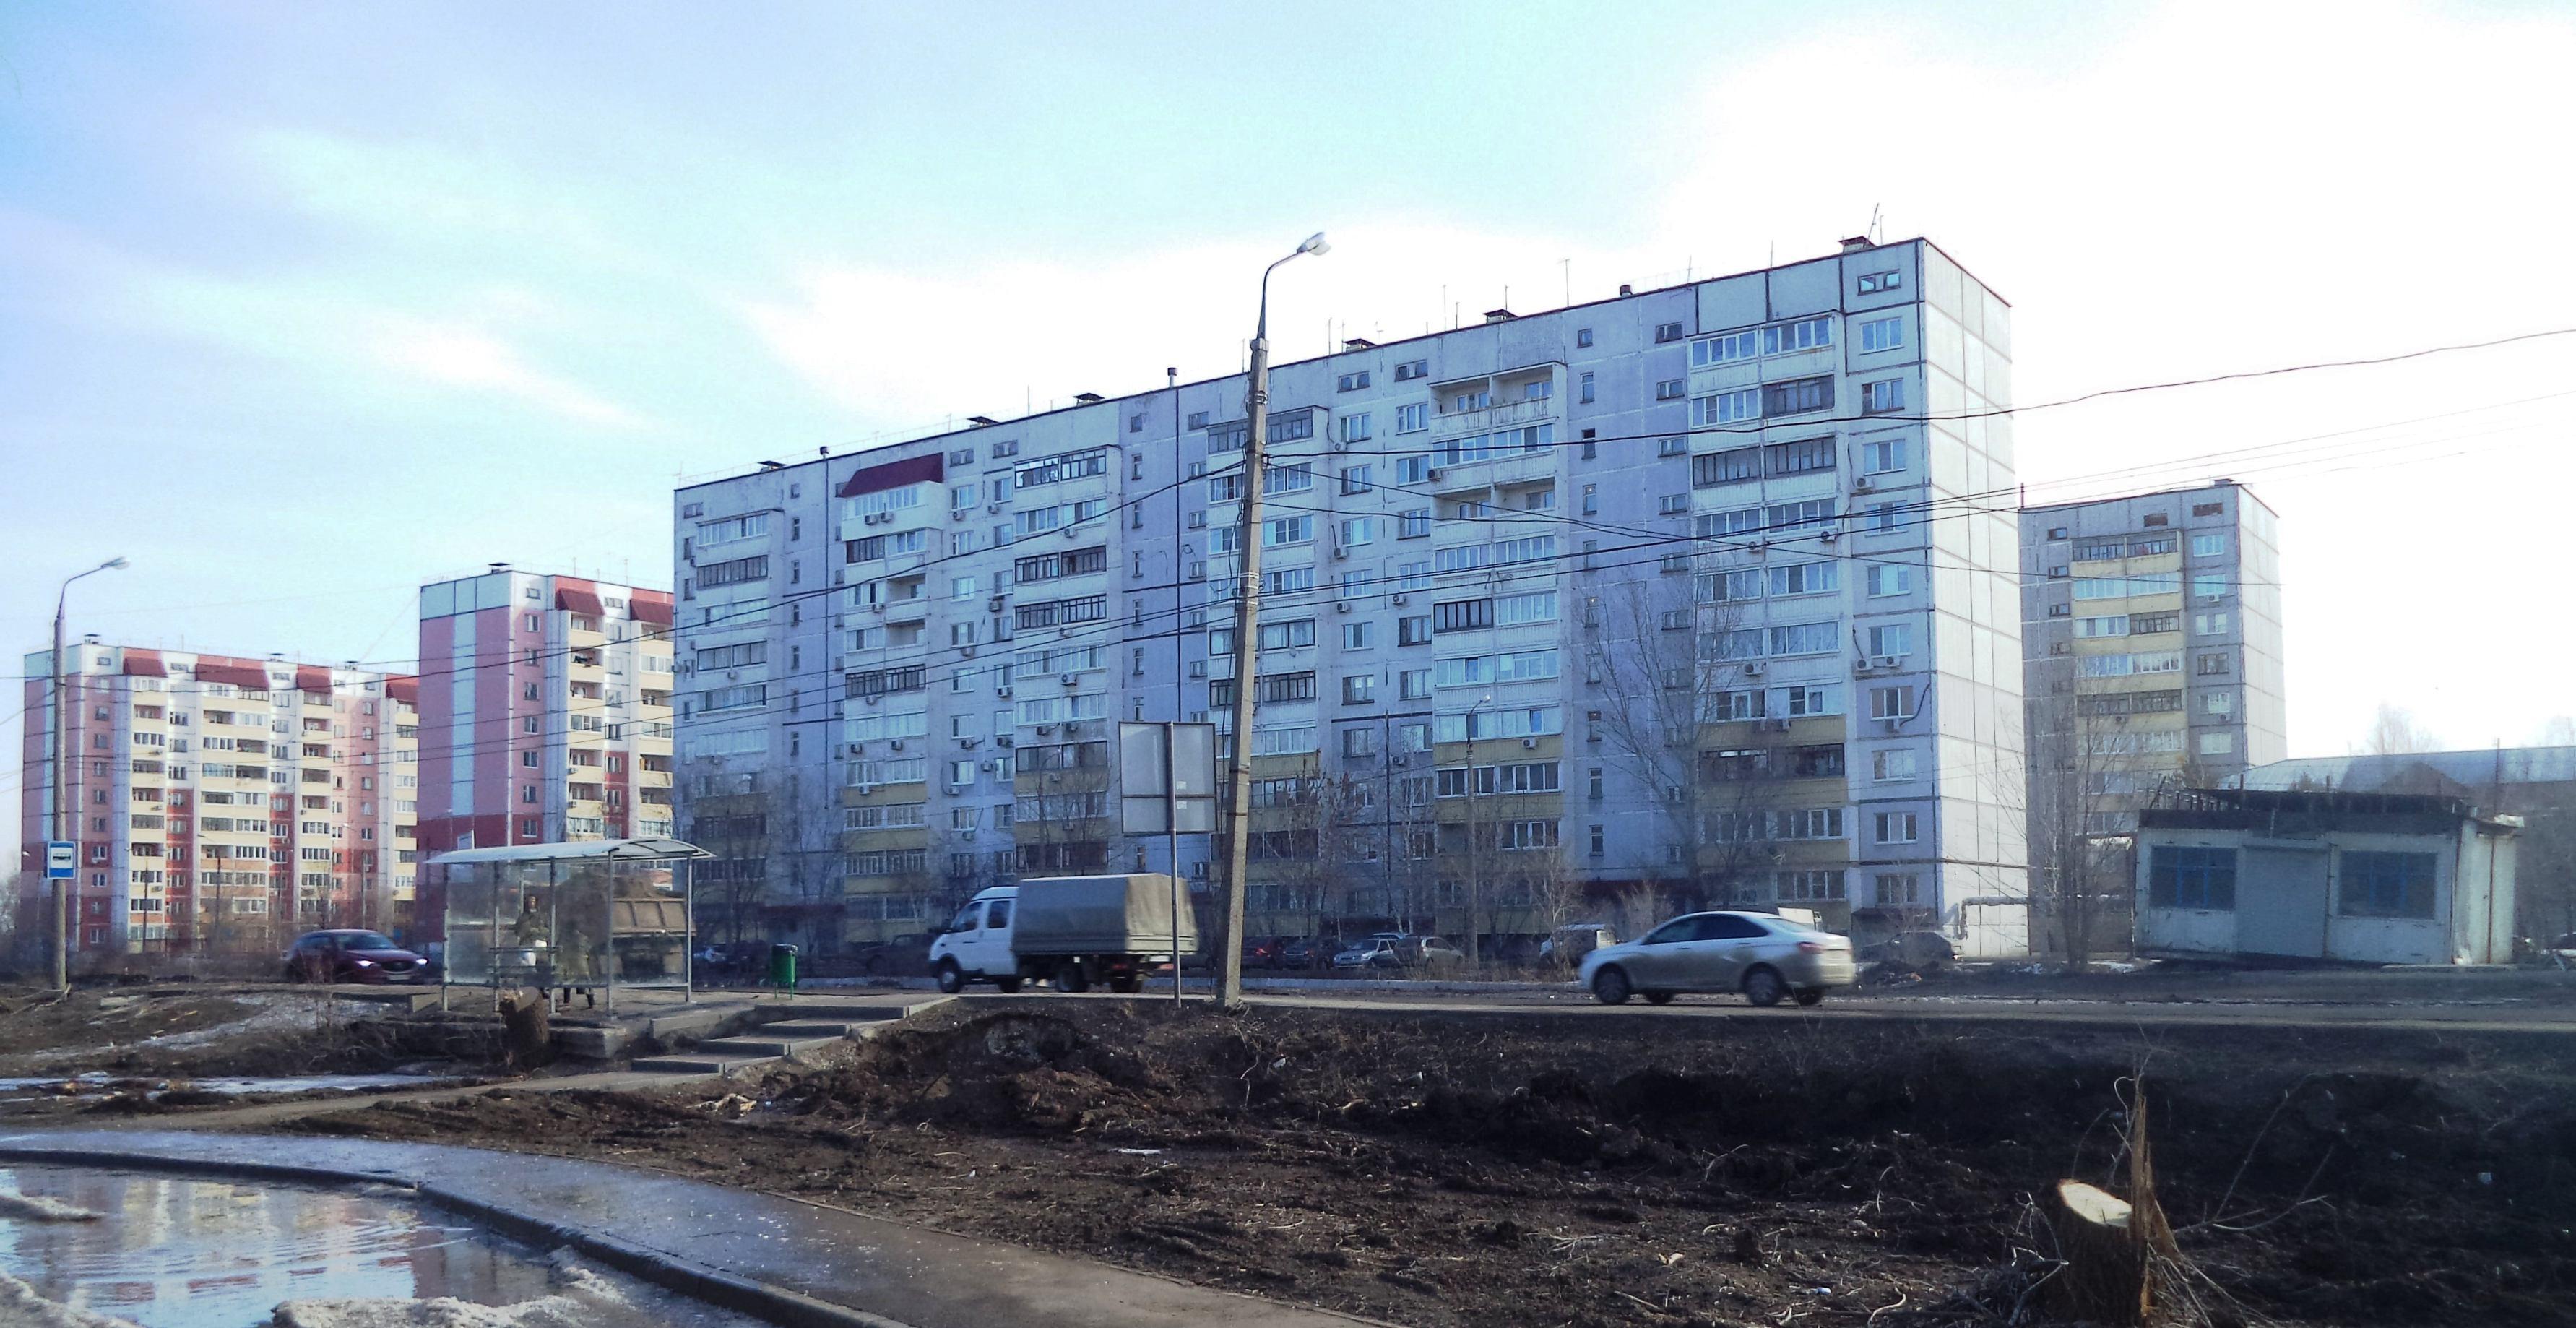 Пугачёвский-ФОТО-35-виды тракта-01-min